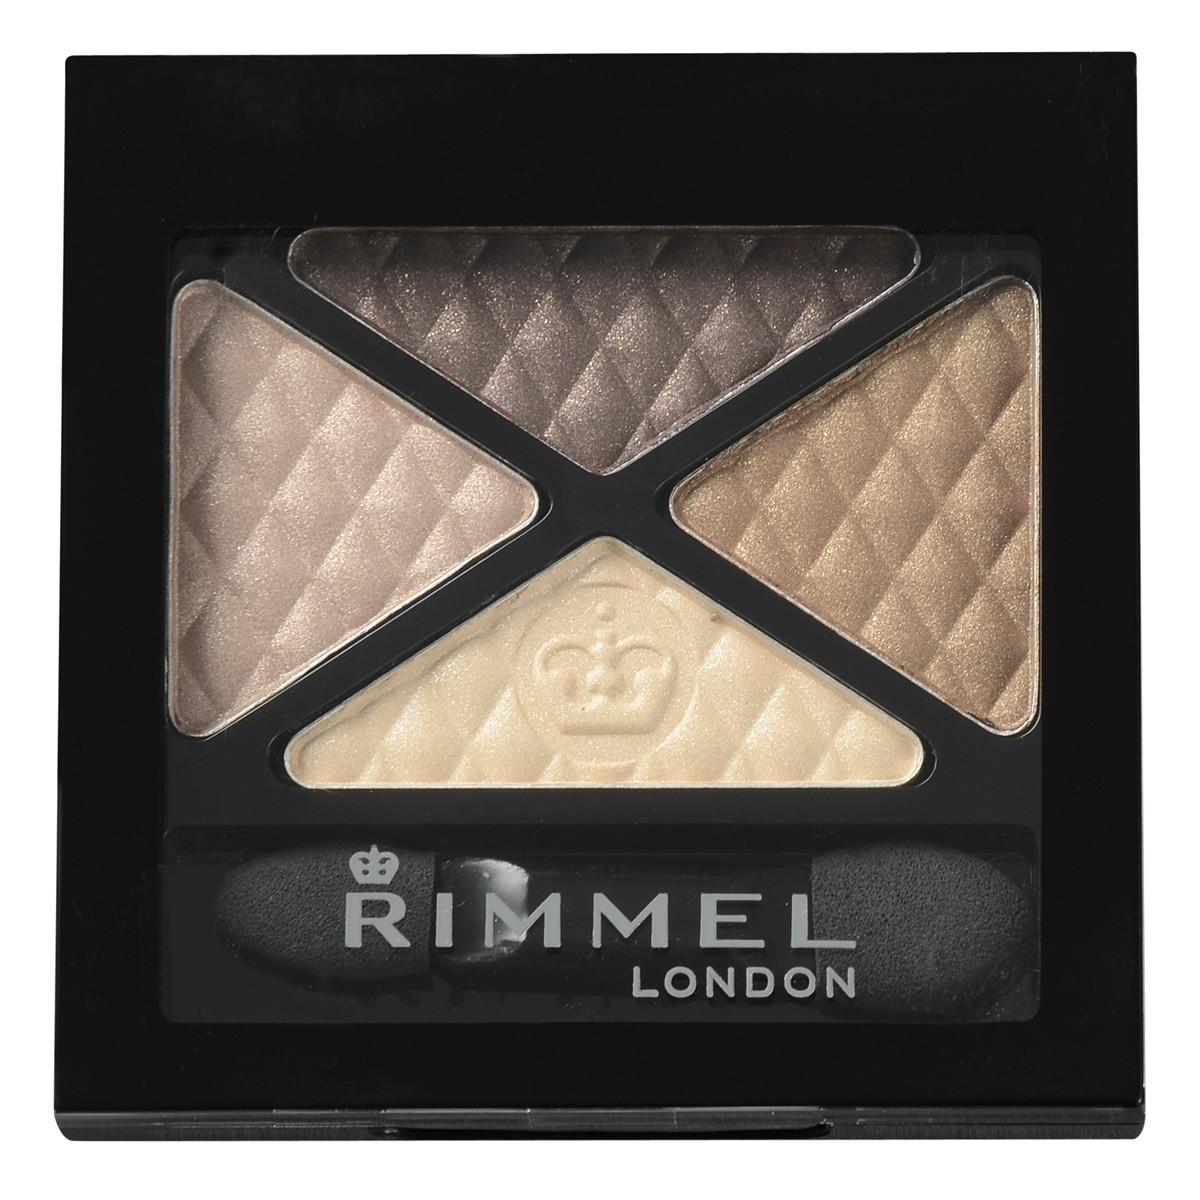 Rimmel Glam Eyes Quad Eye Shadow